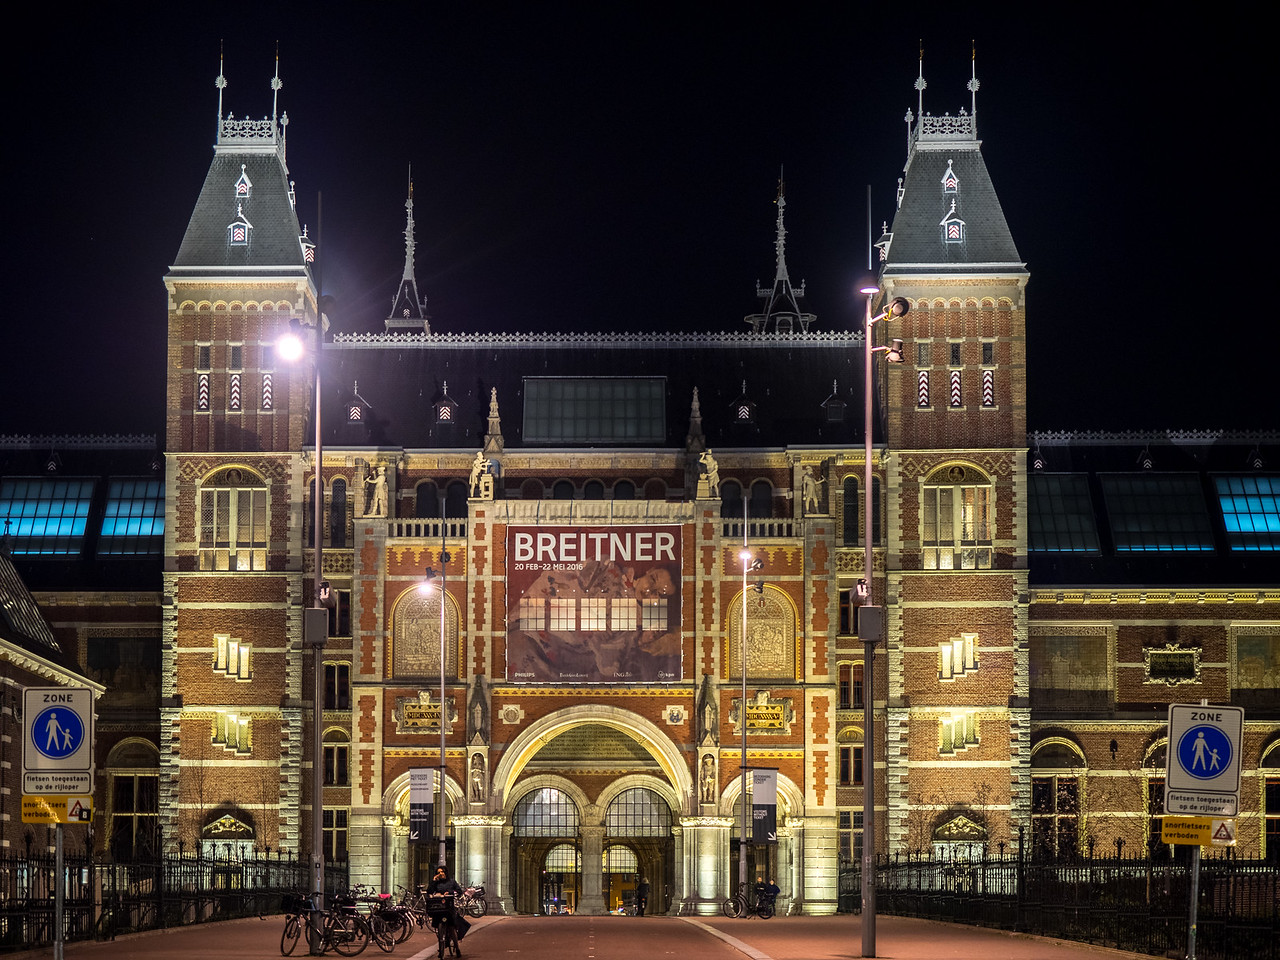 Rijks museum at night